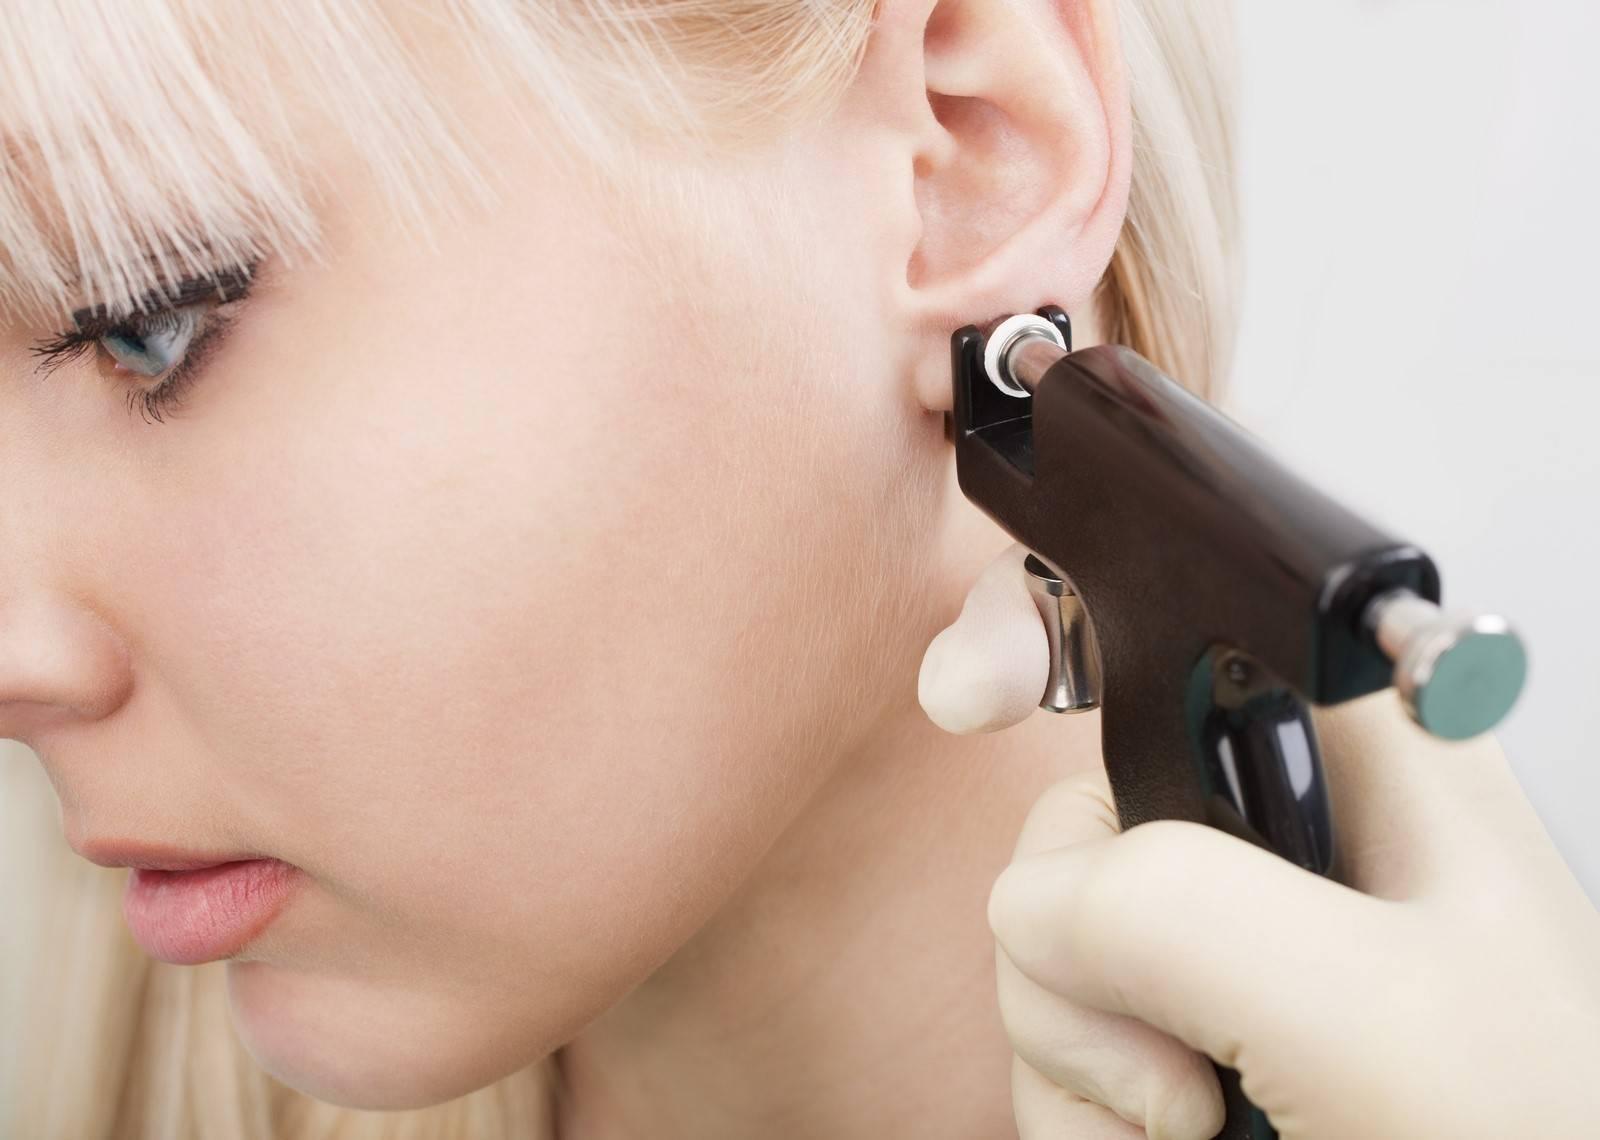 Проколотые уши чтобы быстро зажили. как производить обработку ушей после прокола - новая медицина